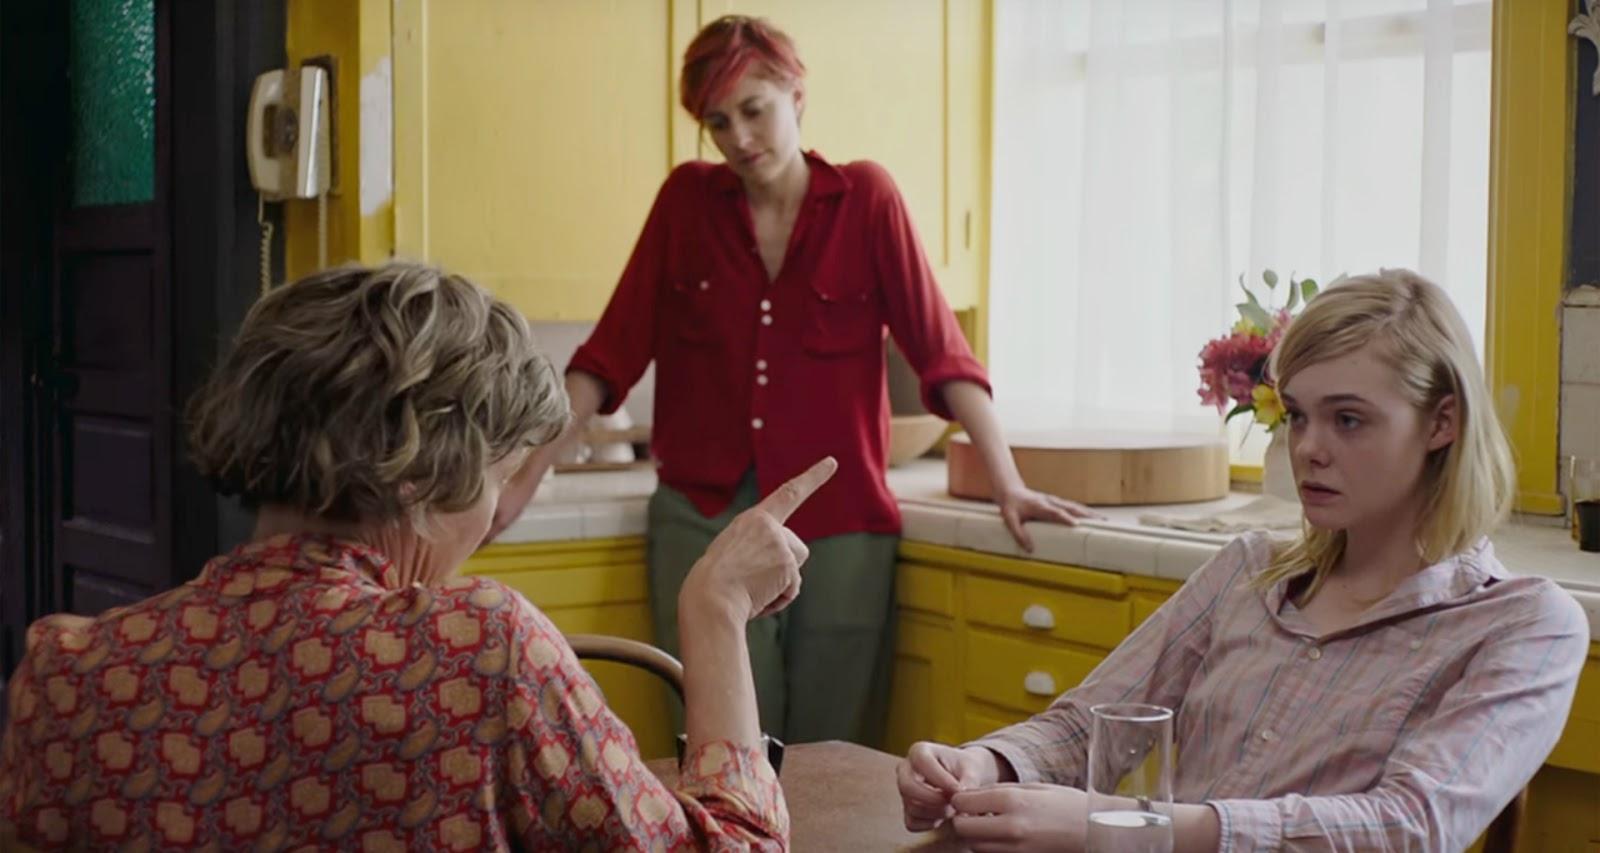 Dorothea pedindo ajuda à Julie e Abbie.